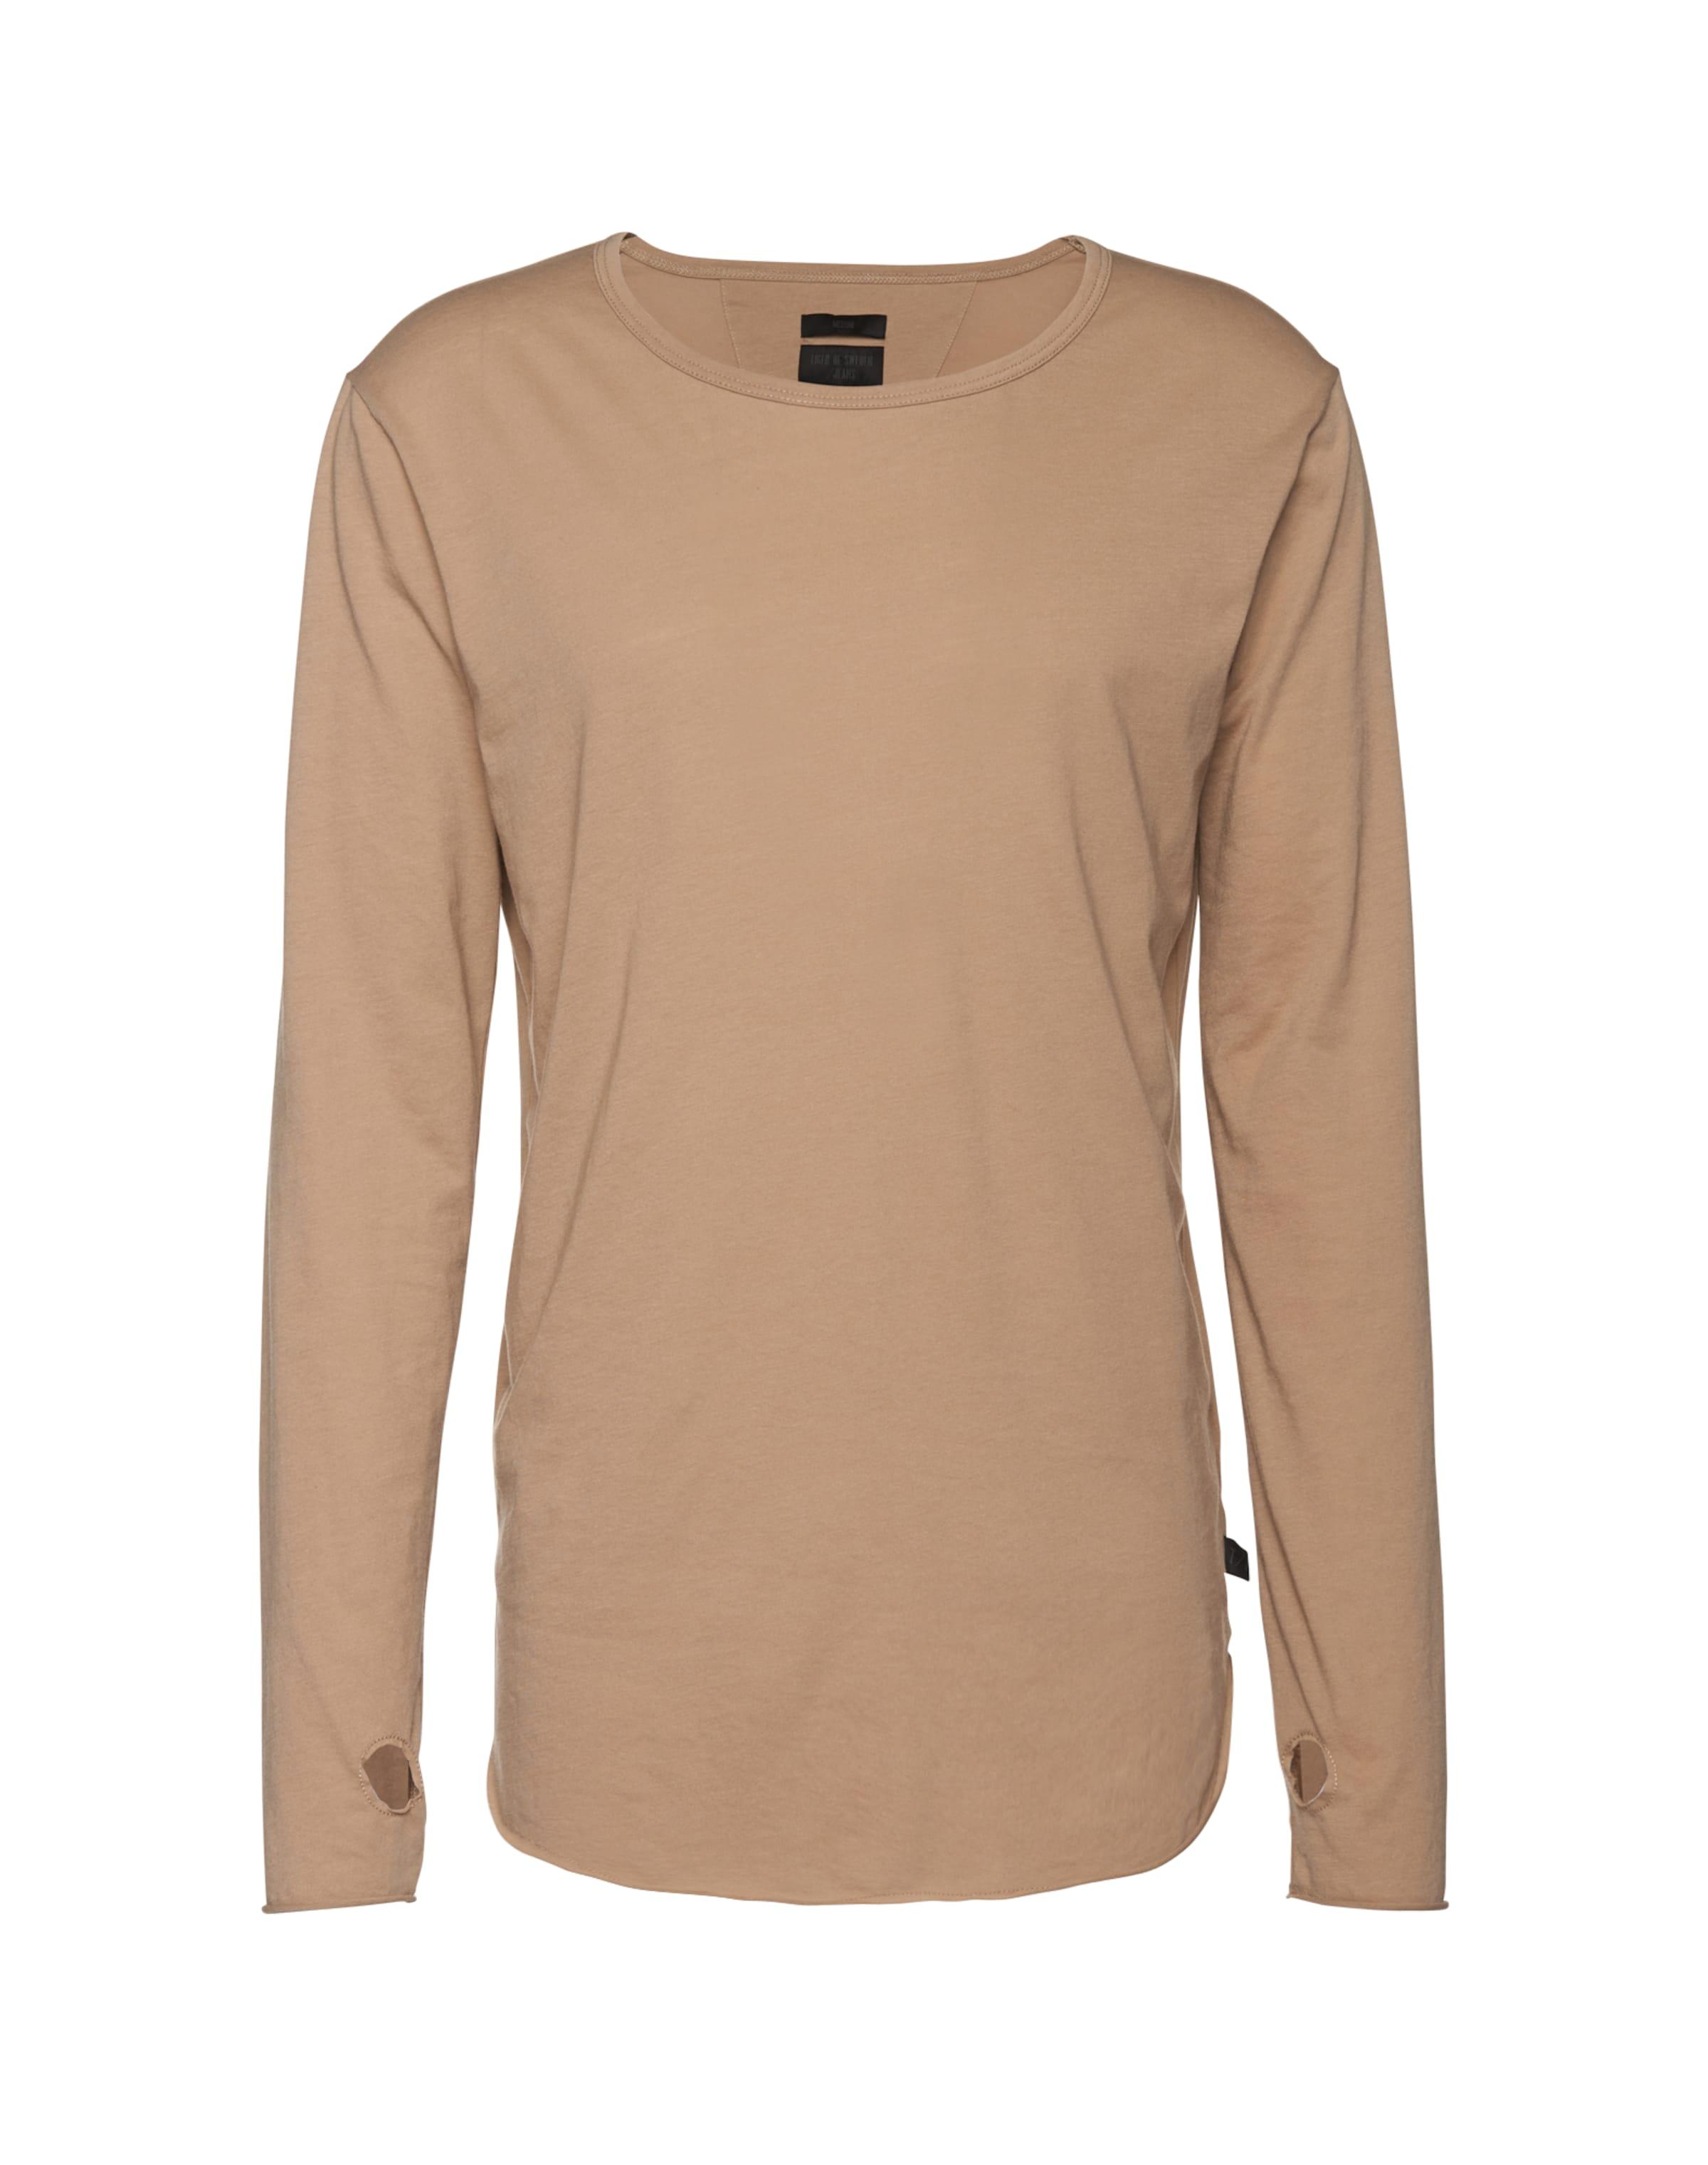 Tiger of Sweden Langarm-Shirt 'Roy' Outlet Rabatt Authentisch 9PMp6i